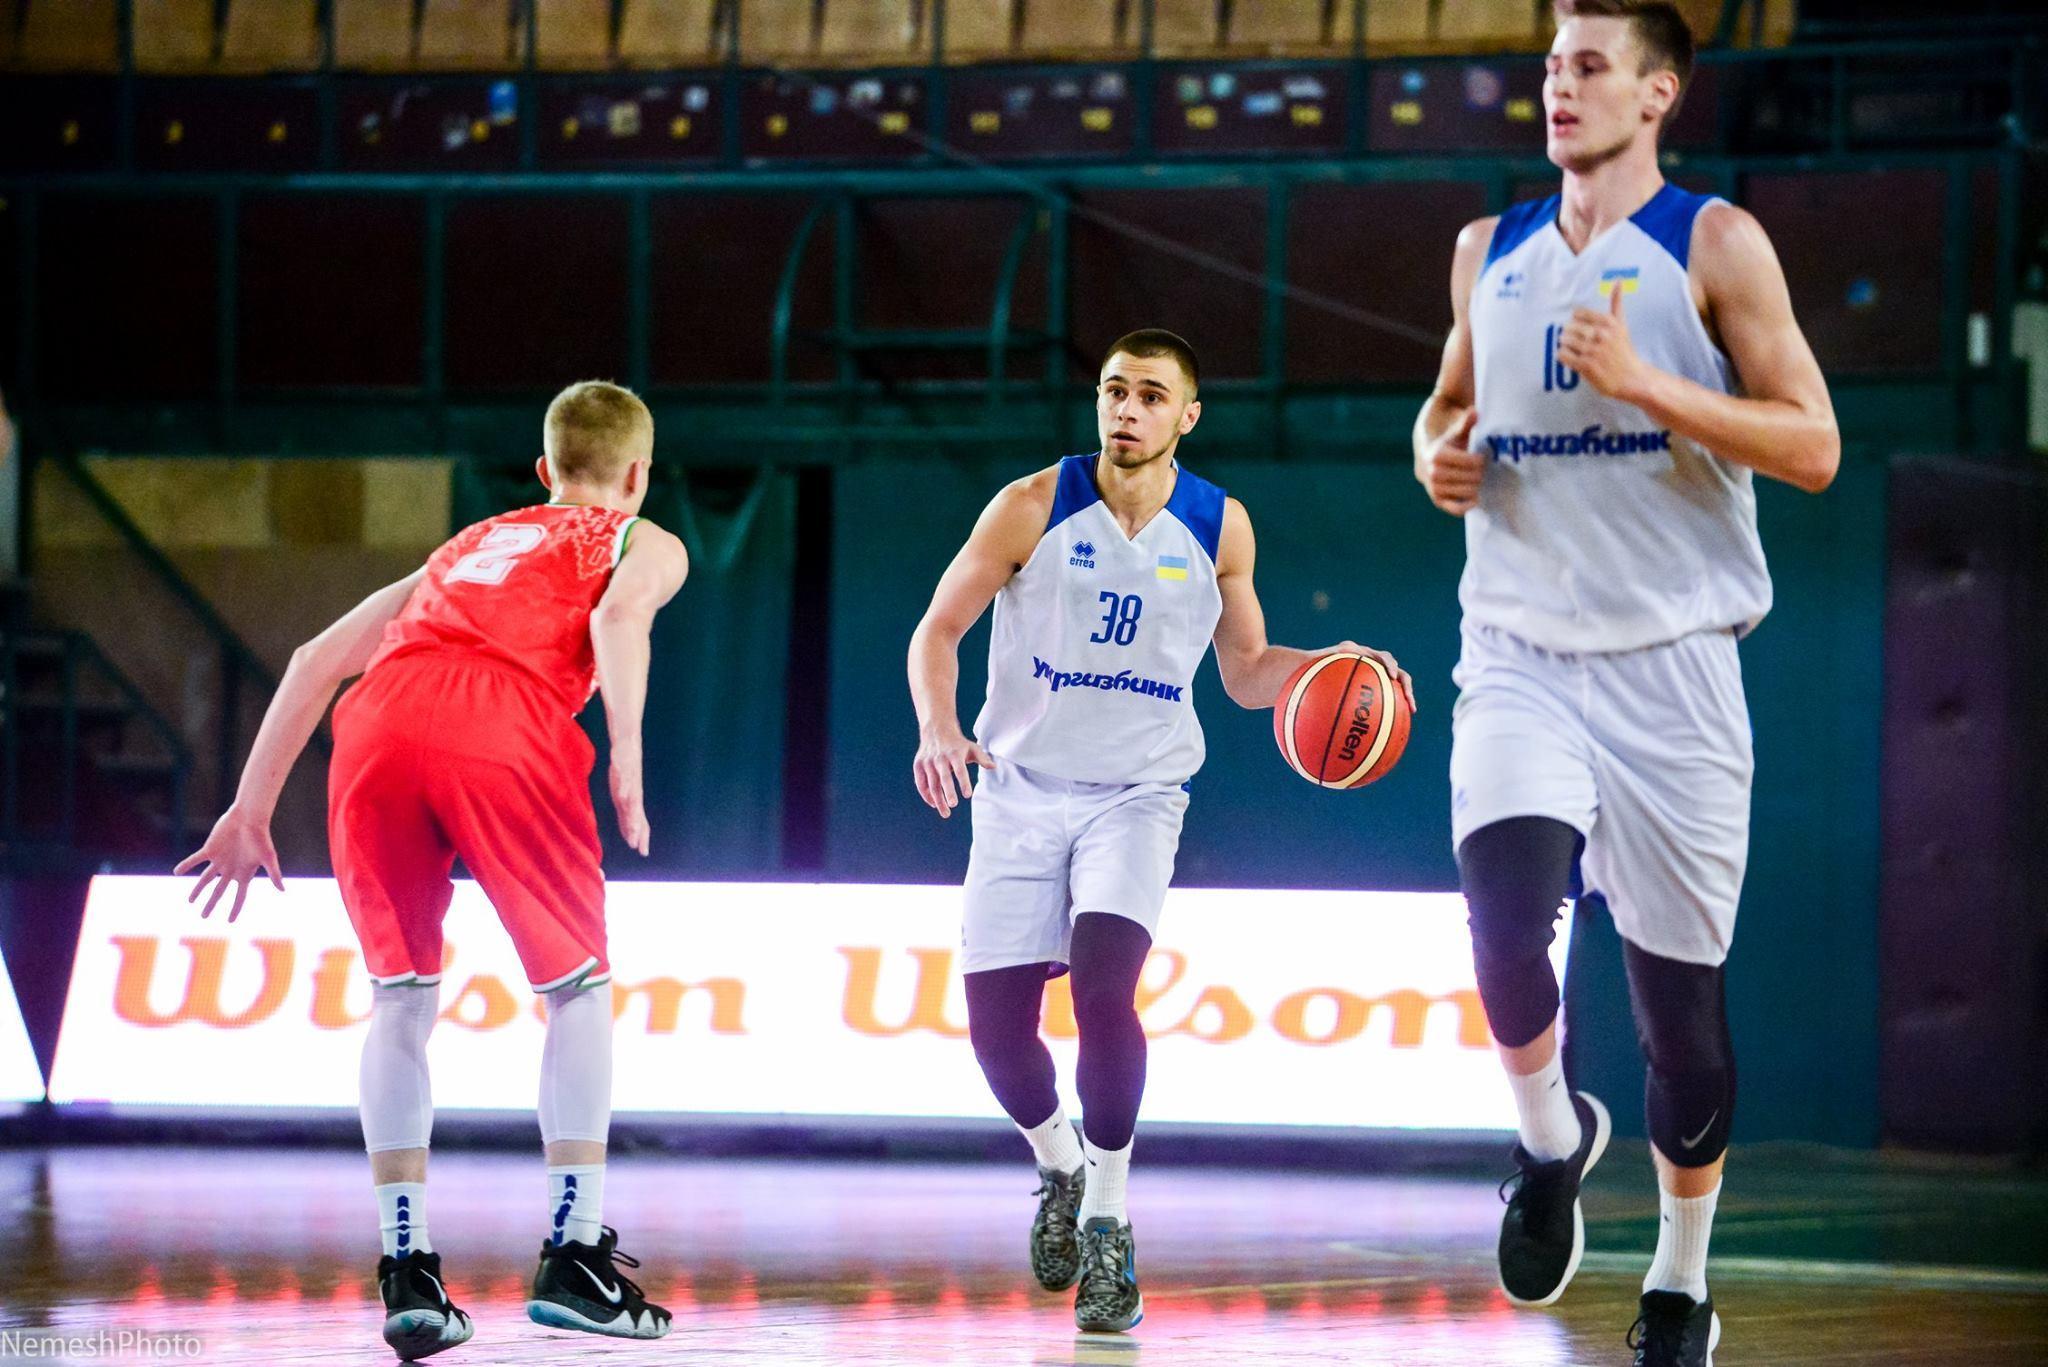 Україна U-20 вдруге перемогла Білорусь на турнірі у Києві